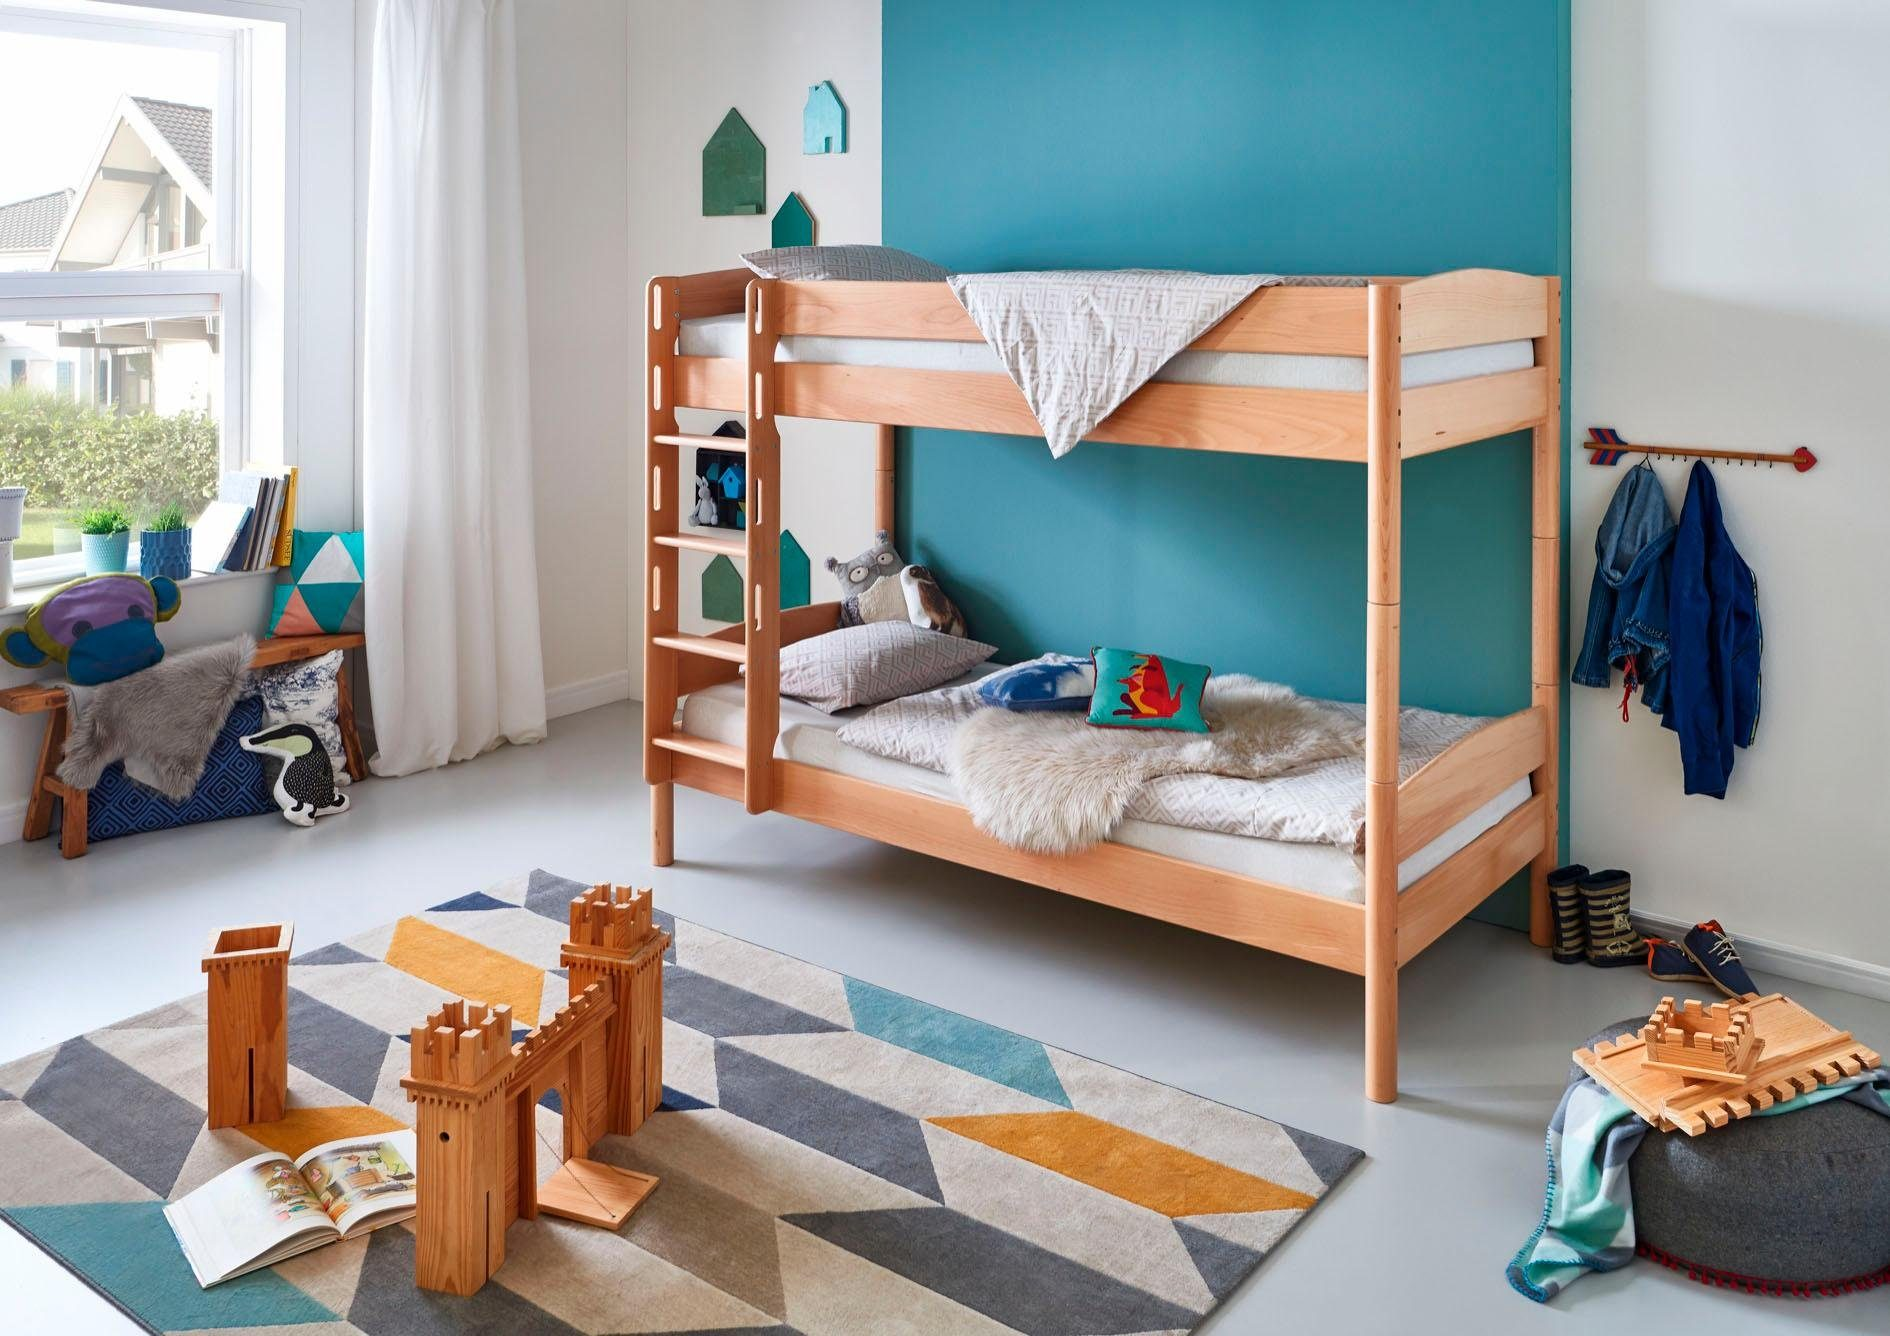 Etagenbett Relita Mike : Schwarz lack etagenbetten online kaufen möbel suchmaschine